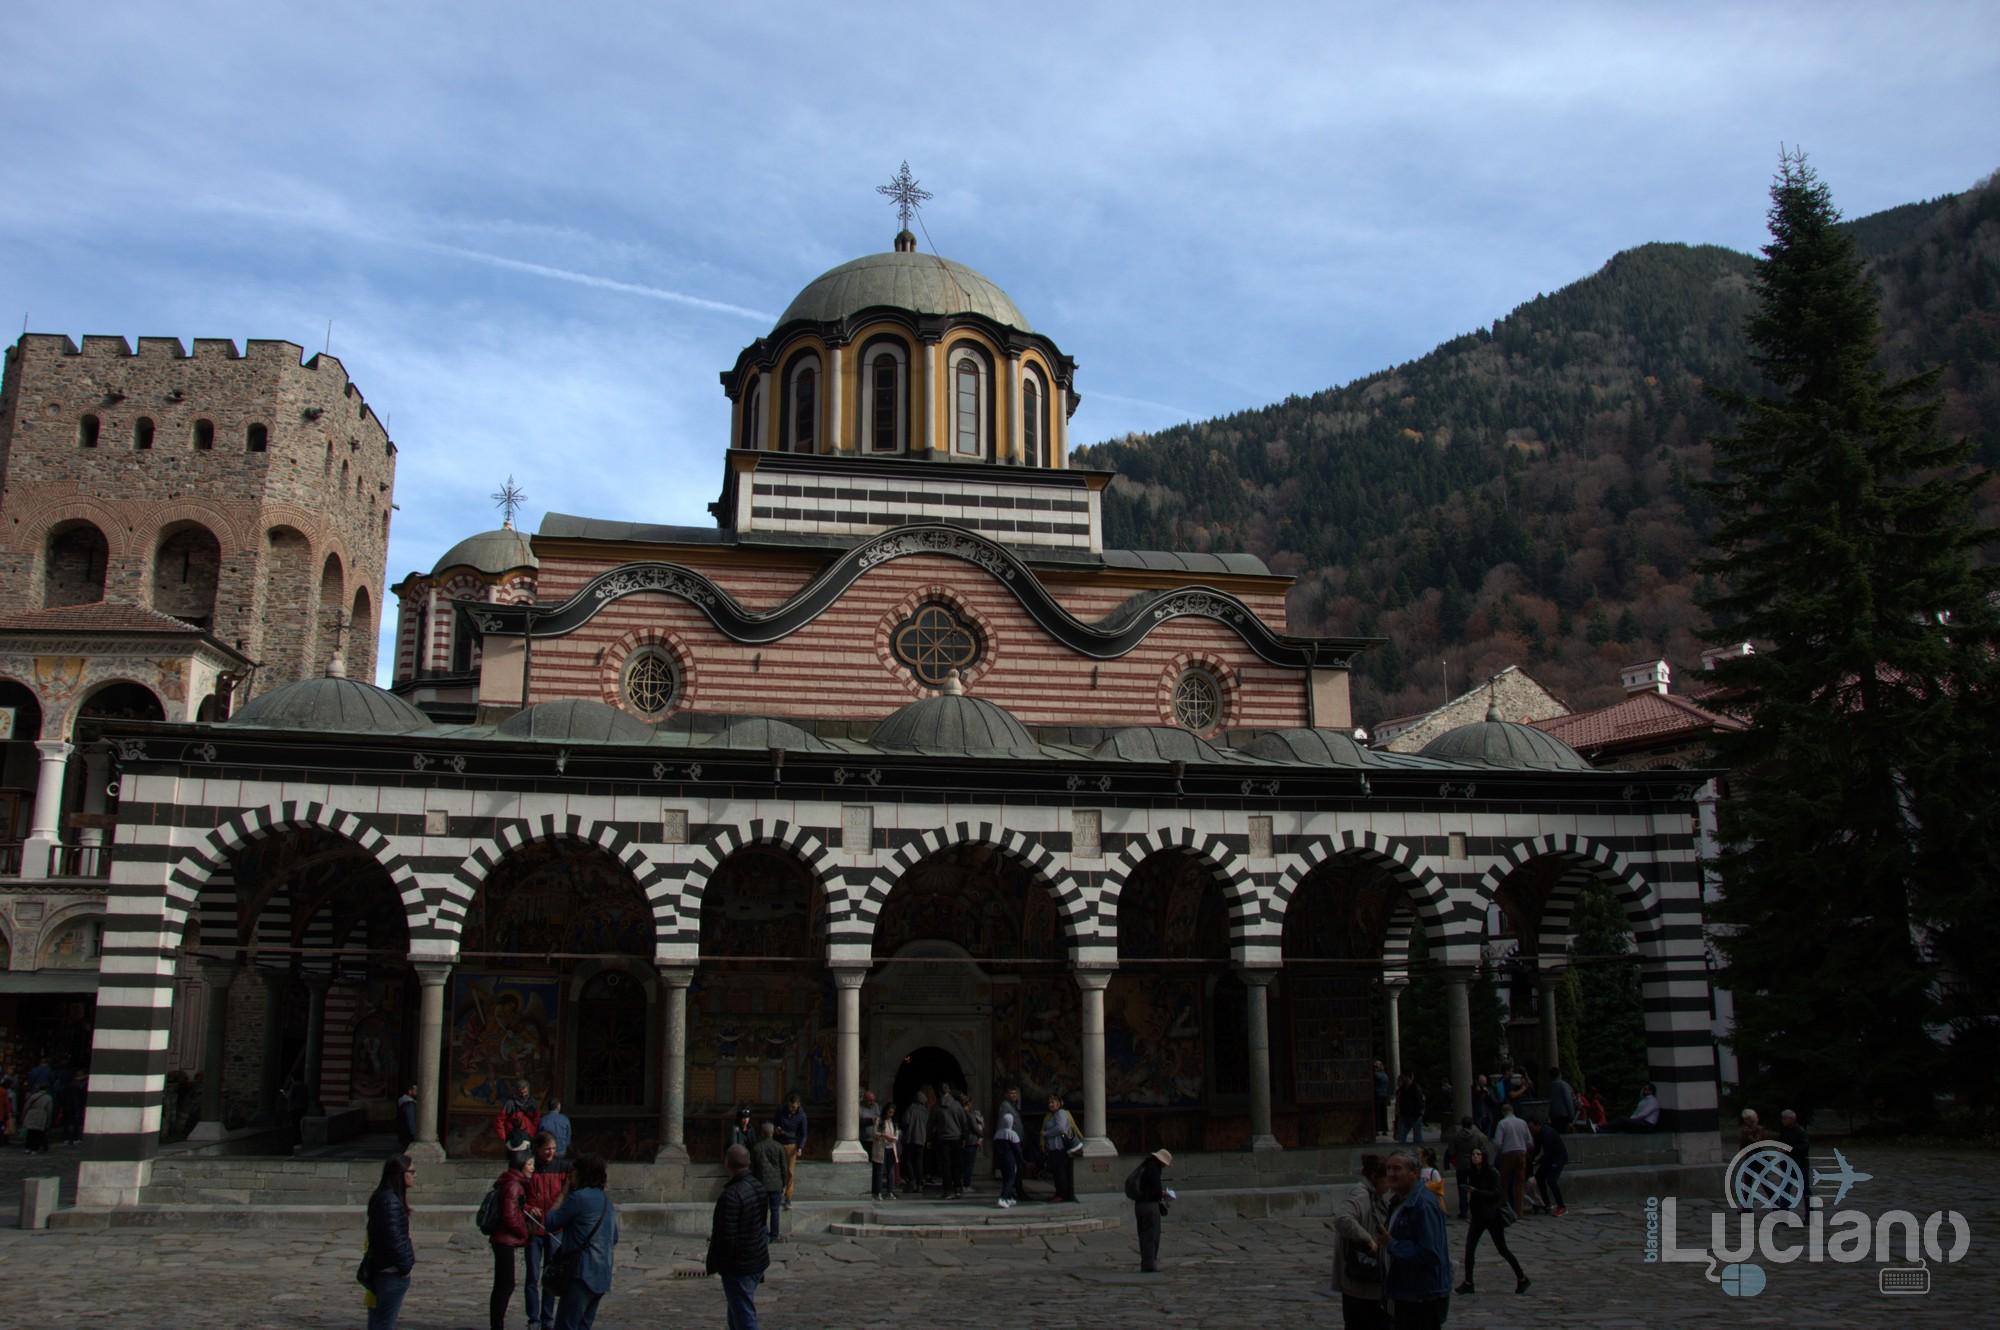 Vista interna - Monte Rila - Monastero di Rila, Рилски Манастир, Rilski Manastir - Sofia - Bulgaria